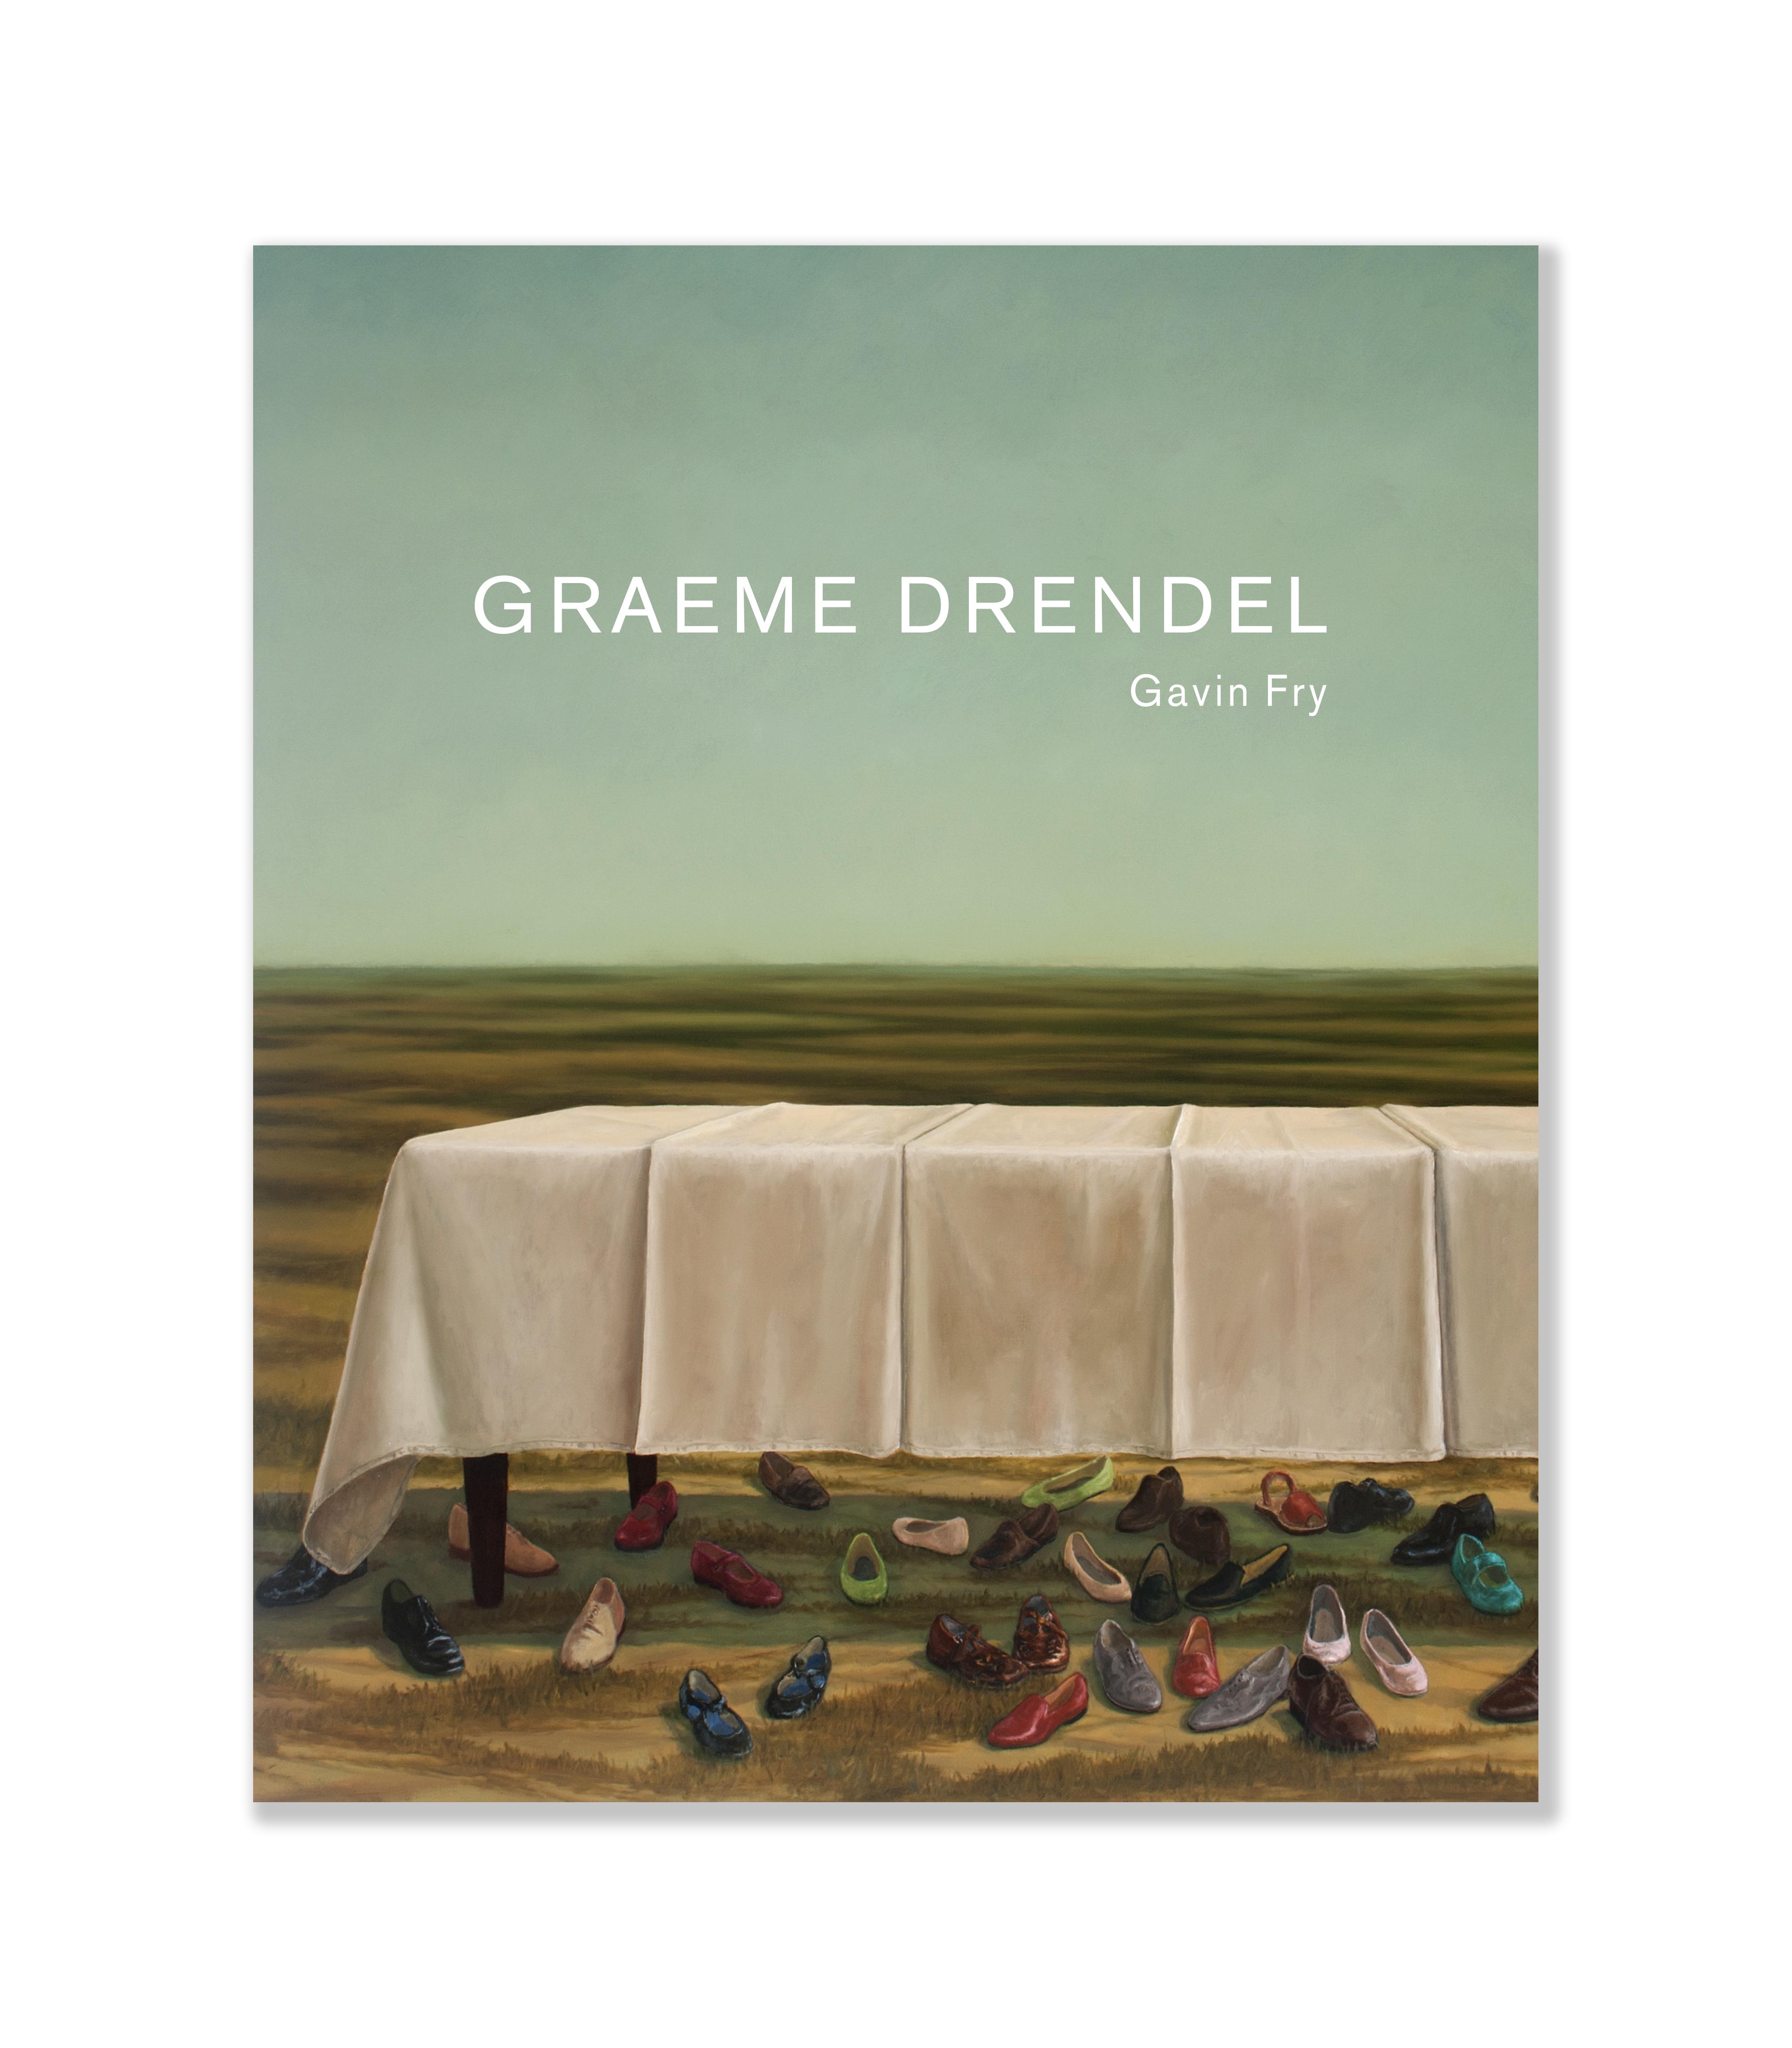 drendel-front-cover